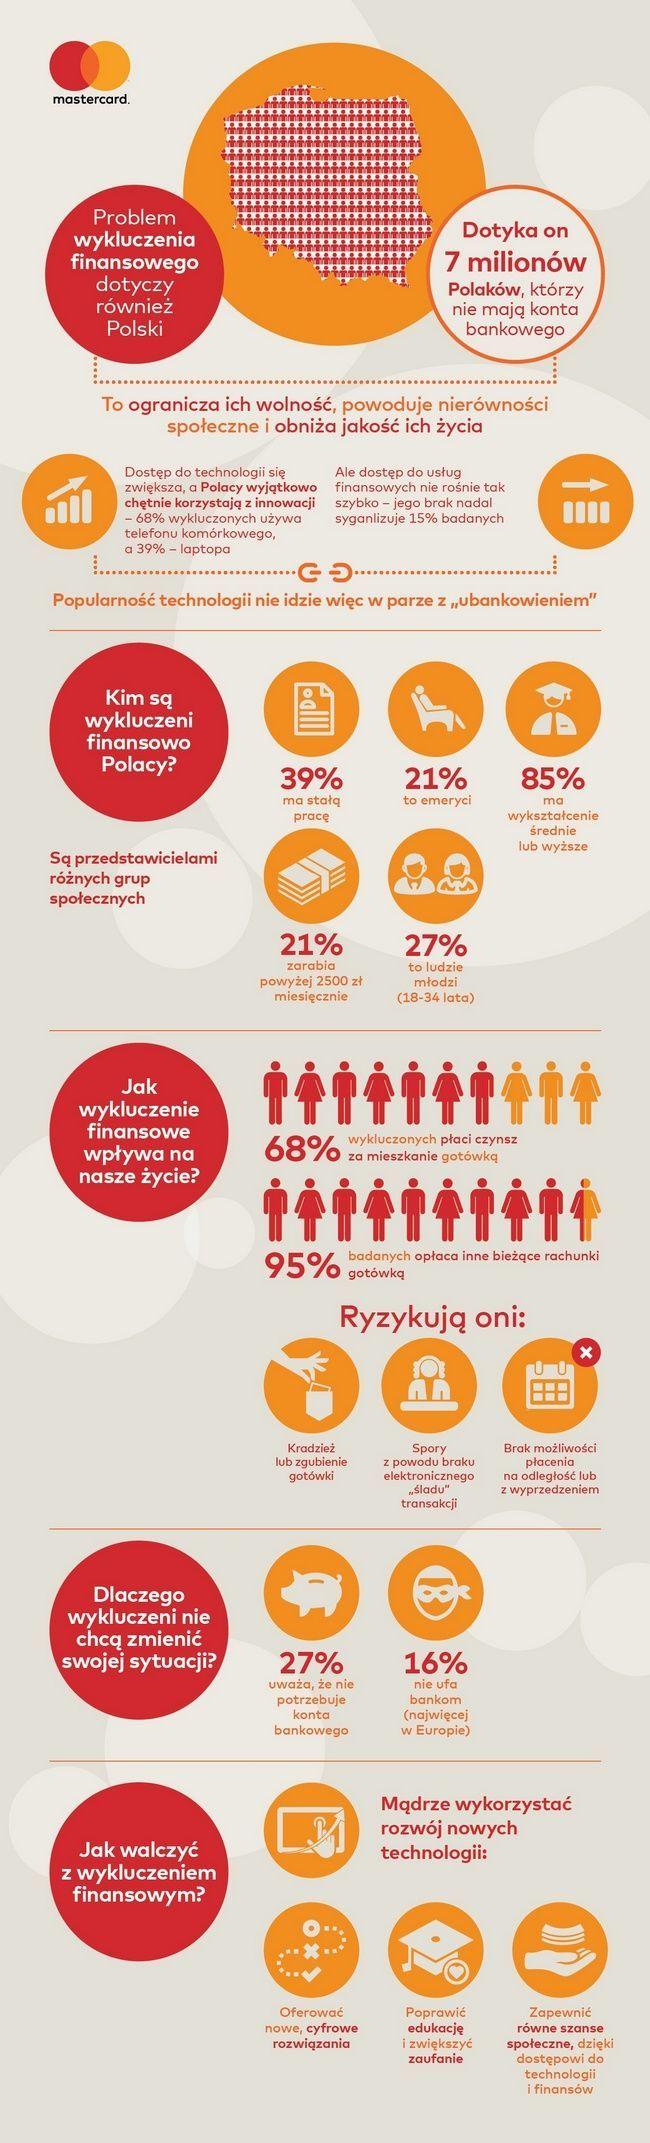 mastercard-wykluczenie-finansowe-infografika-polska